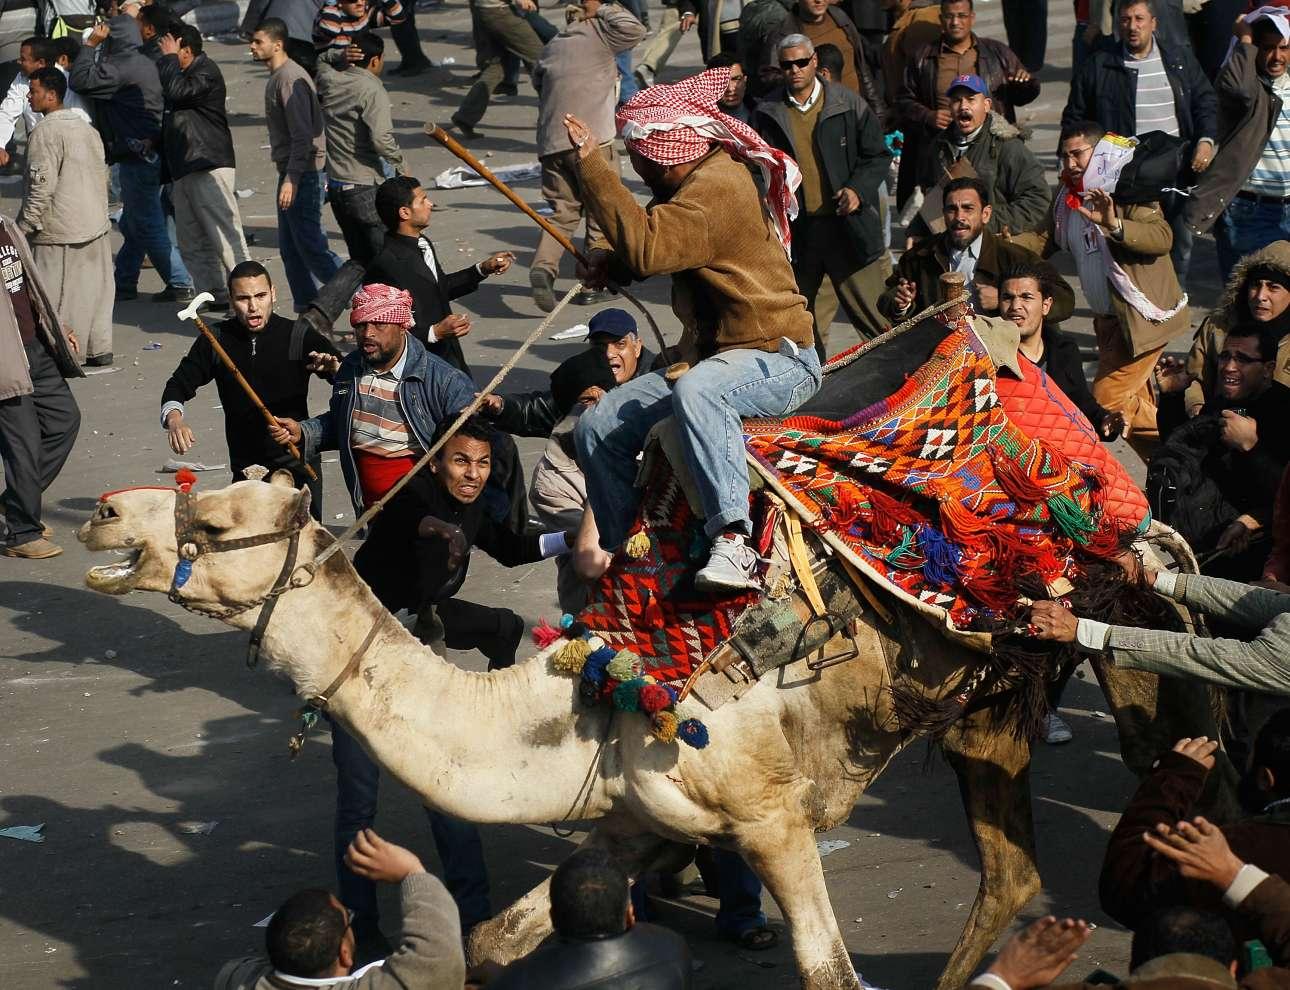 Ενας υποστηρικτής του προέδρου της Αιγύπτου Χόσνι Μουμπάρακ καβαλά μία καμήλα εν μέσω συμπλοκών στην πλατεία Ταχρίρ στις 2 Φεβρουαρίου του 2011 στο Κάιρο. Την προηγούμενη ημέρα, ο πρόεδρος Μουμπάρακ είχε ανακοινώσει ότι δεν θα έθετε ξανά υποψηφιότητα στις προεδρικές εκλογές. Οι διαδηλωτές όμως είχαν απορρίψει την πρότασή του να παραμείνει ο ίδιος στην εξουσία μέχρι τις επόμενες εκλογές και απαίτησαν την εκδίωξή του. Ετσι, ξέσπασαν σοβαρά επεισόδια που οδήγησαν τον Μουμπάρακ να παραδώσει την εξουσία